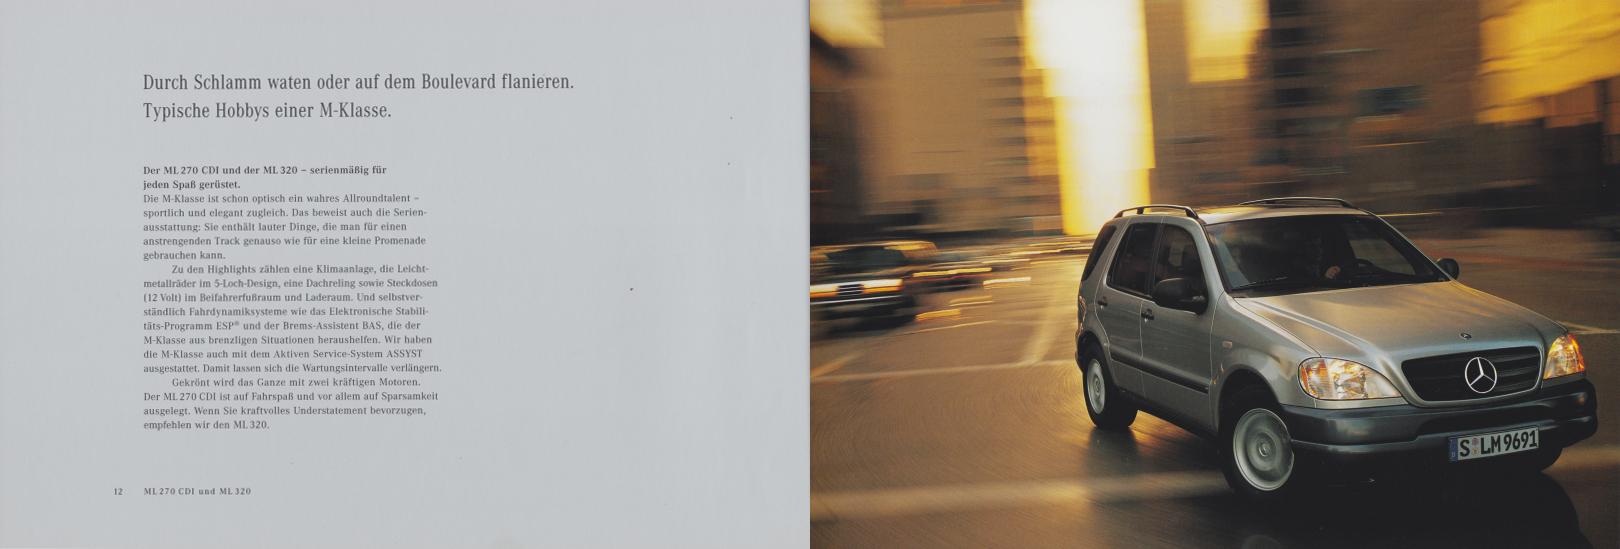 (W163): Catálogo 2000 - alemão 008